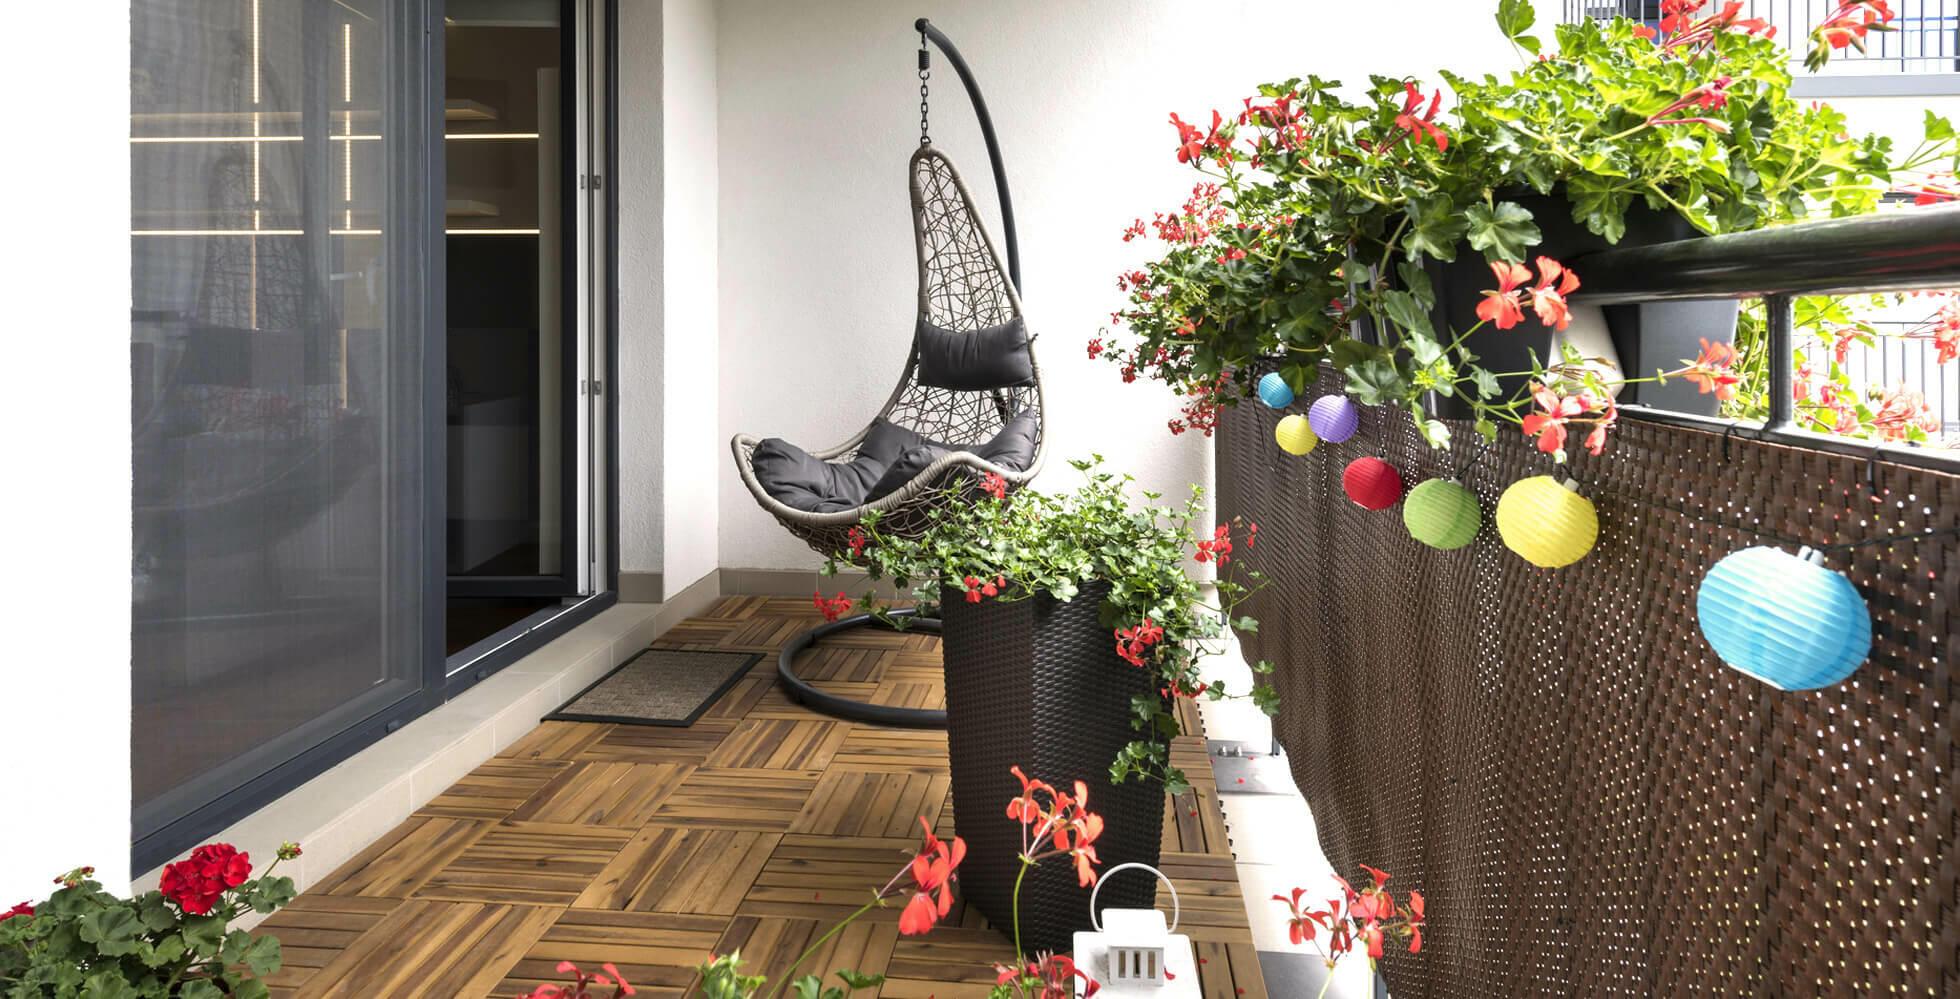 balcon décoré avec fauteuil suspendu et guirlandes style guinguette